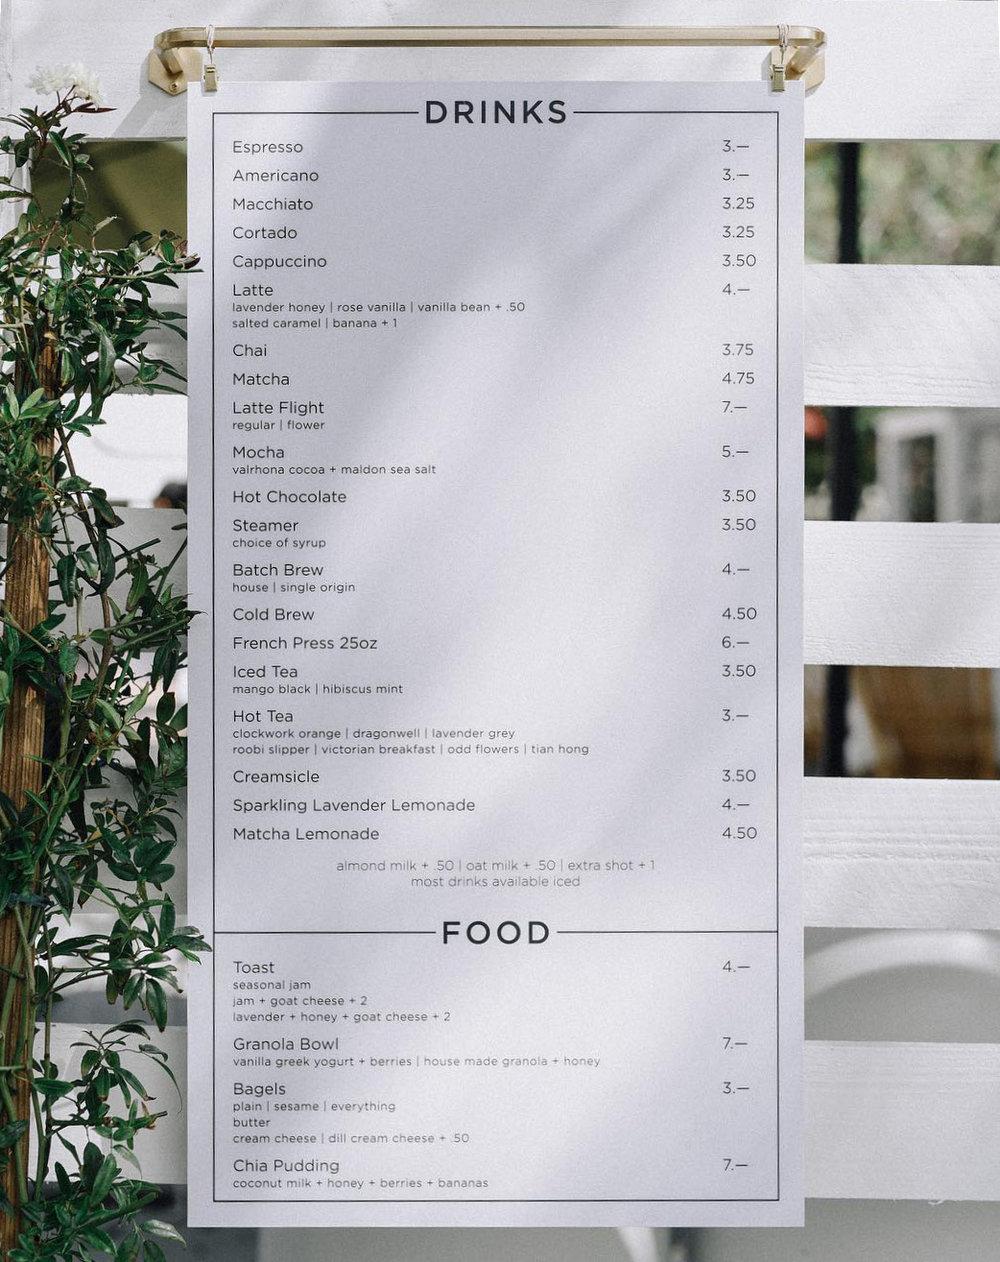 communal_menu.jpg